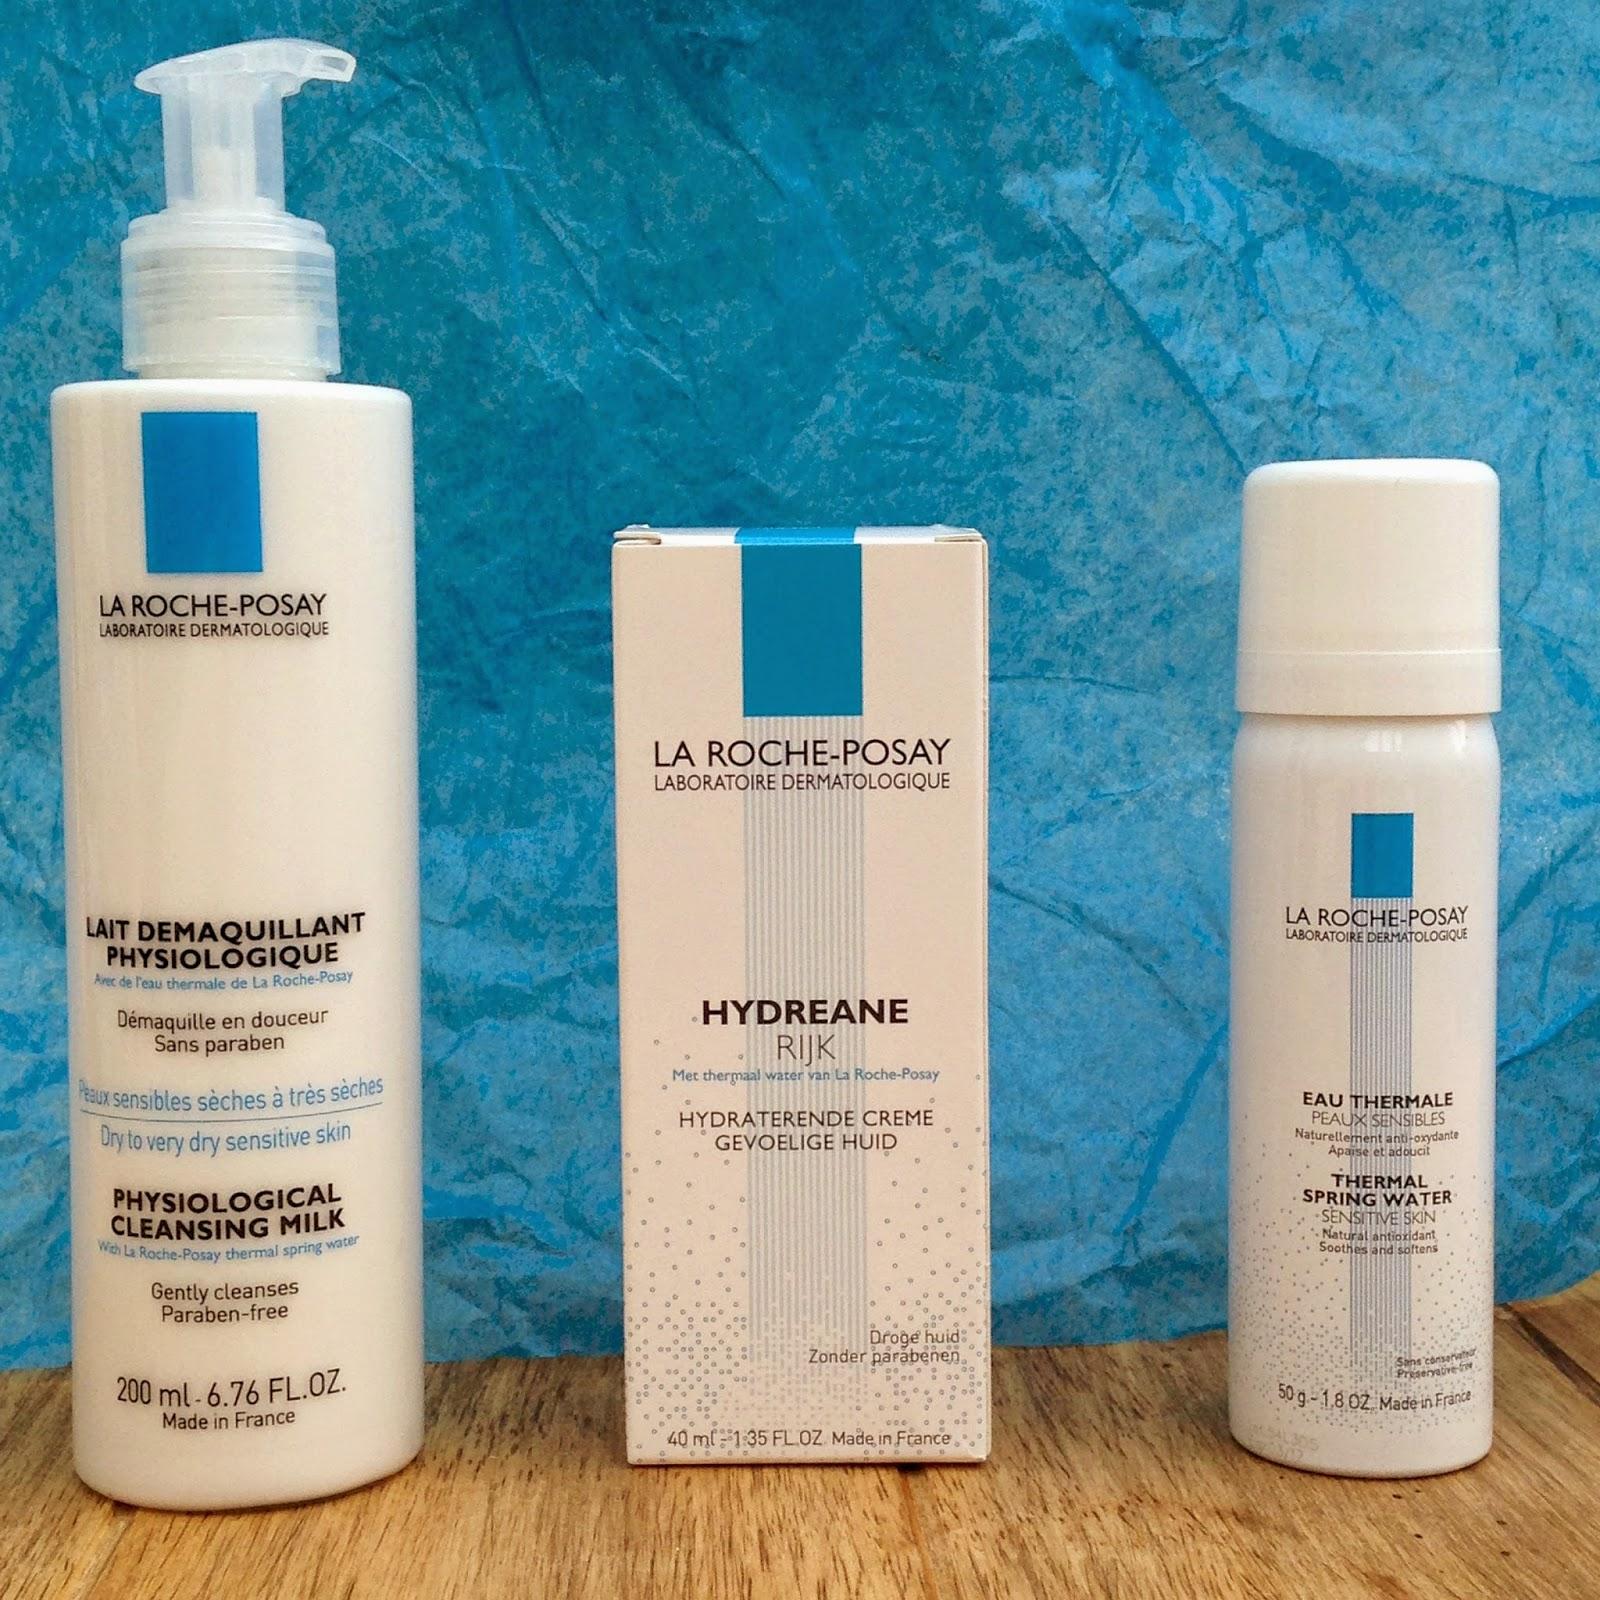 La Roche-Posay Skincare